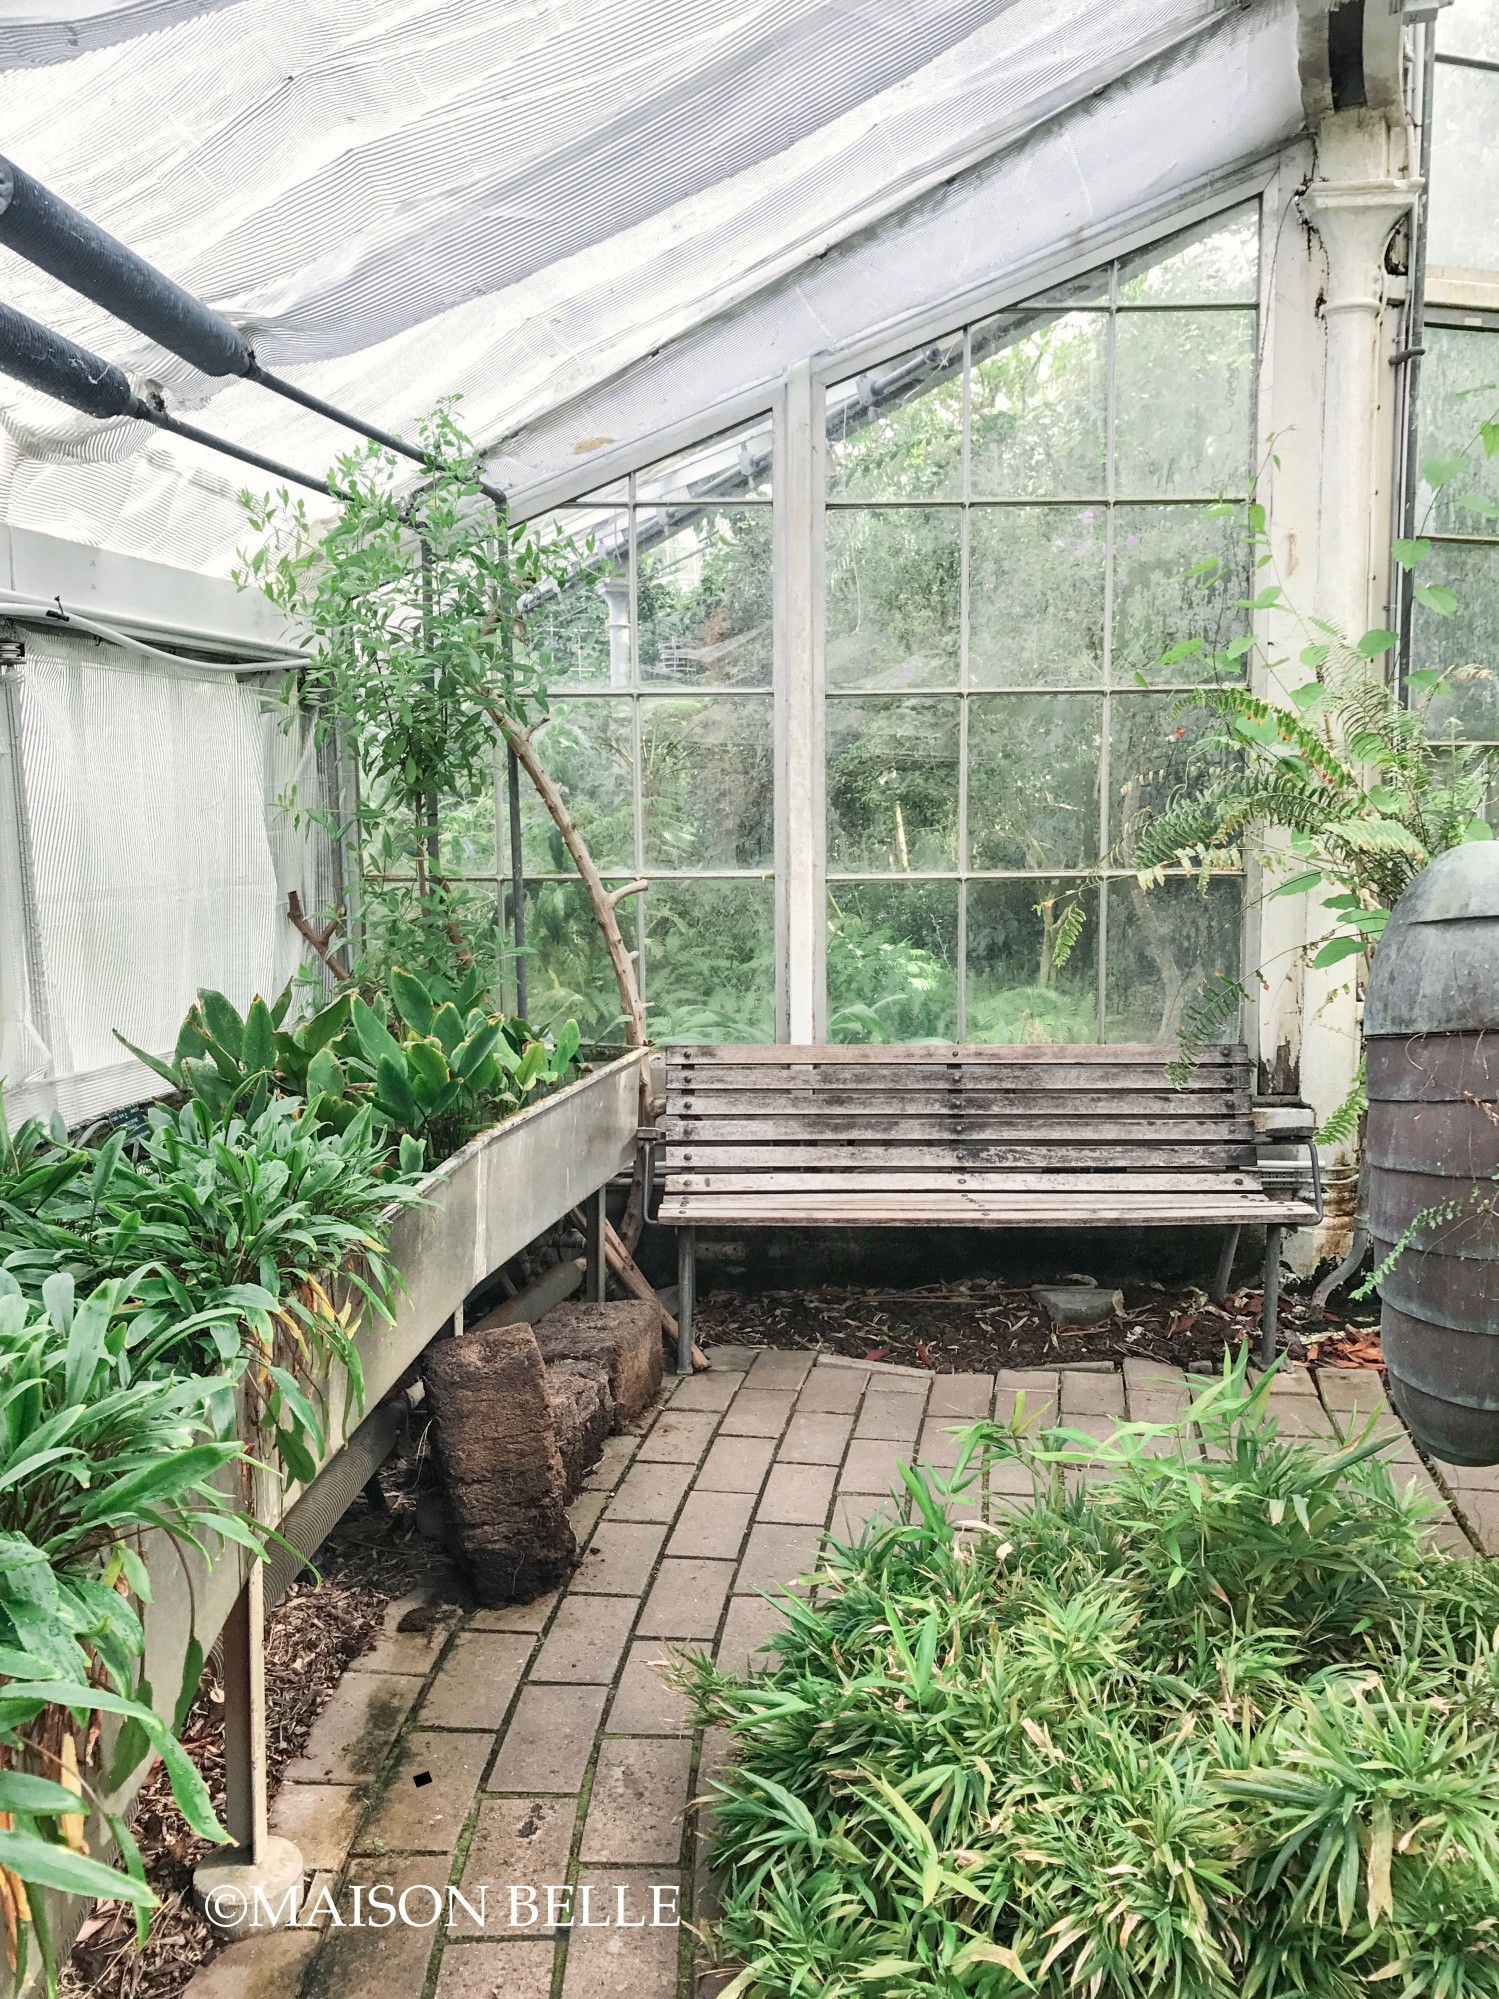 kopenhagen boanische tuinen